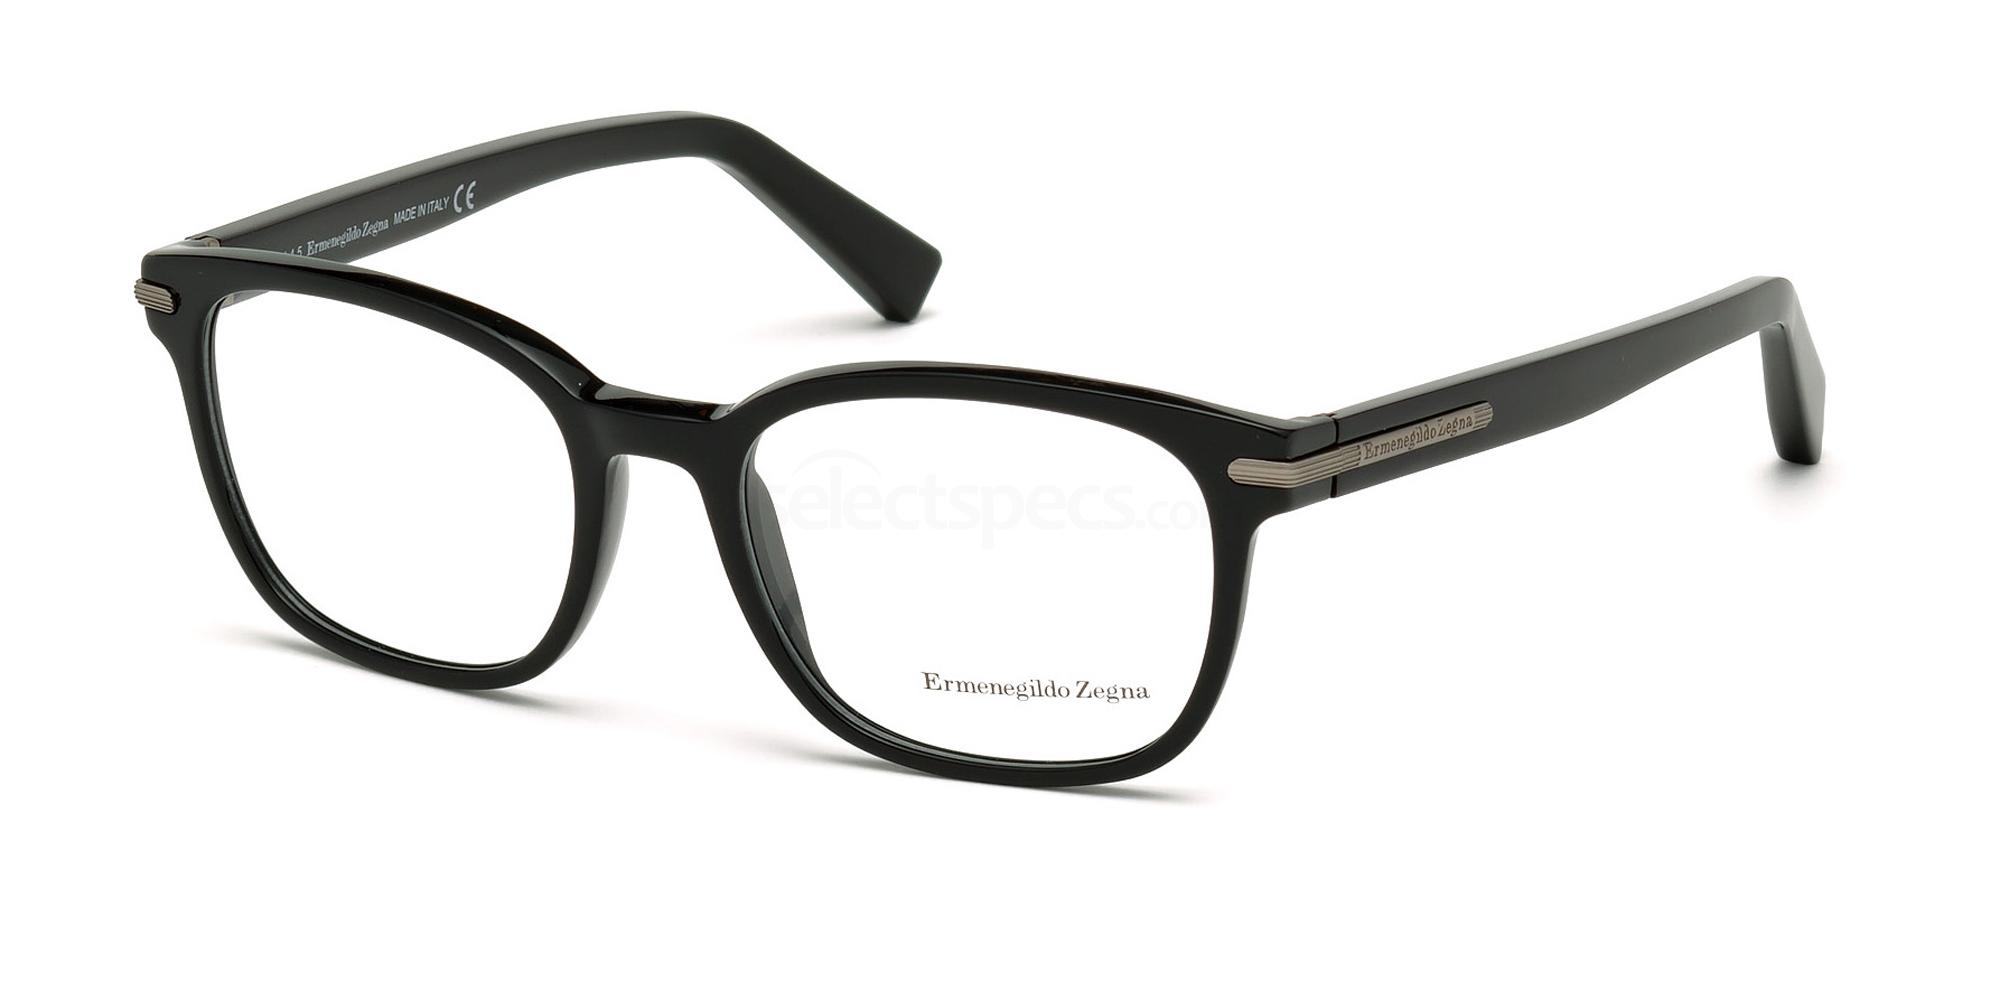 001 EZ5032 Glasses, Ermenegildo Zegna